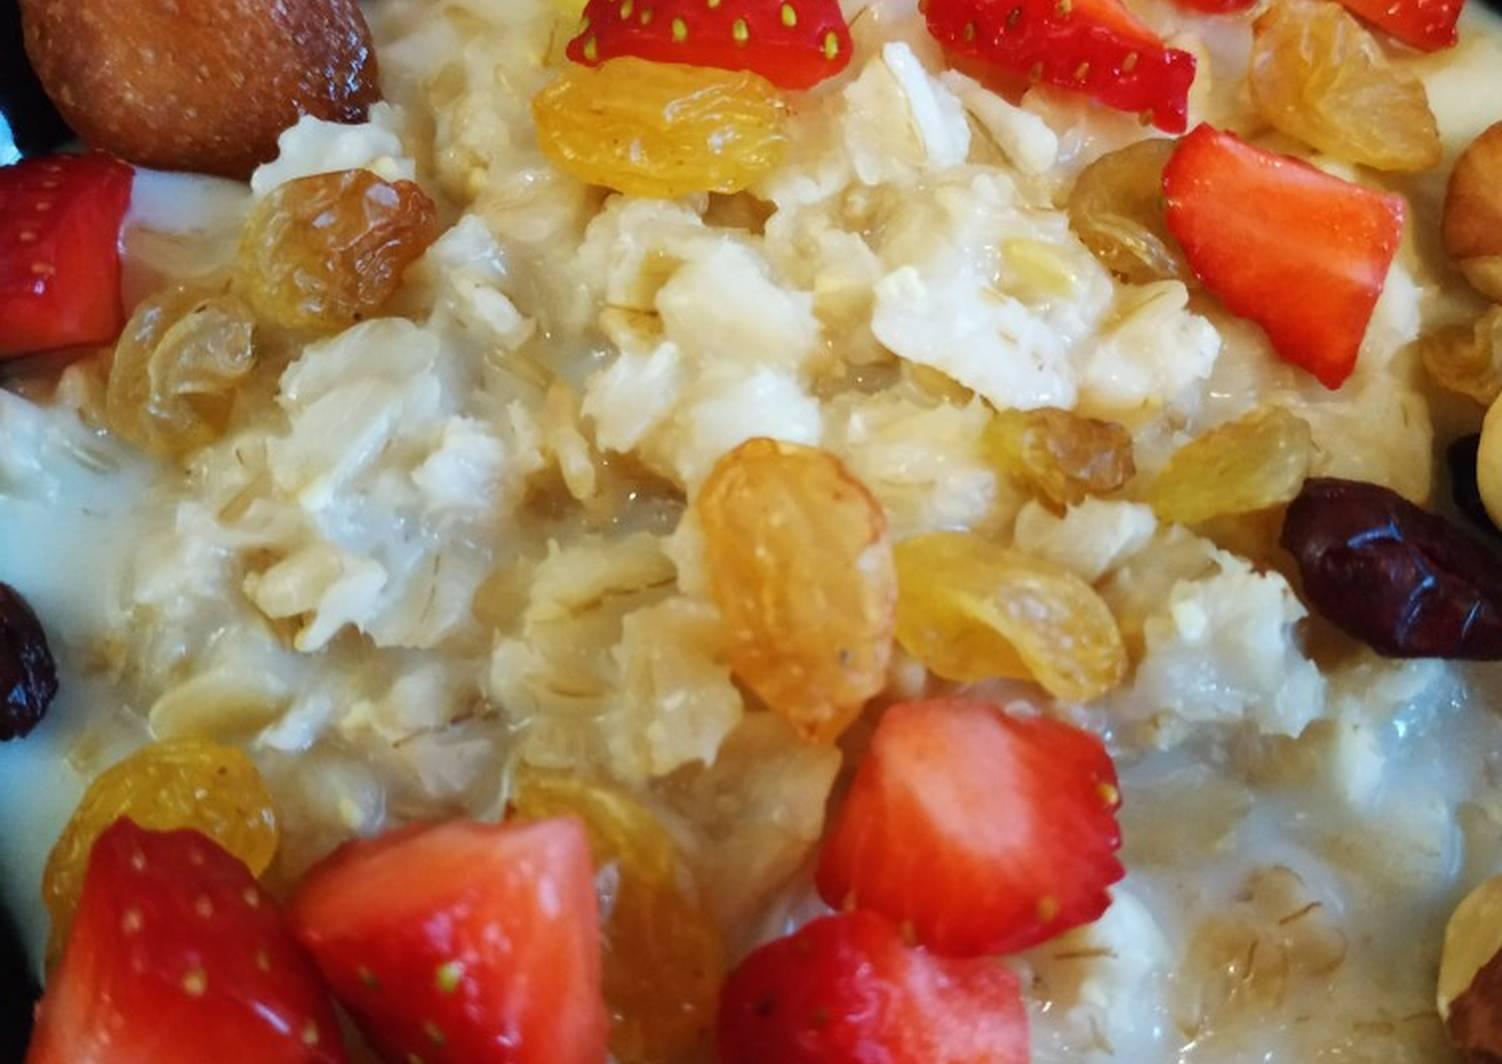 овсянка на завтрак рецепт фото стразы бусинки